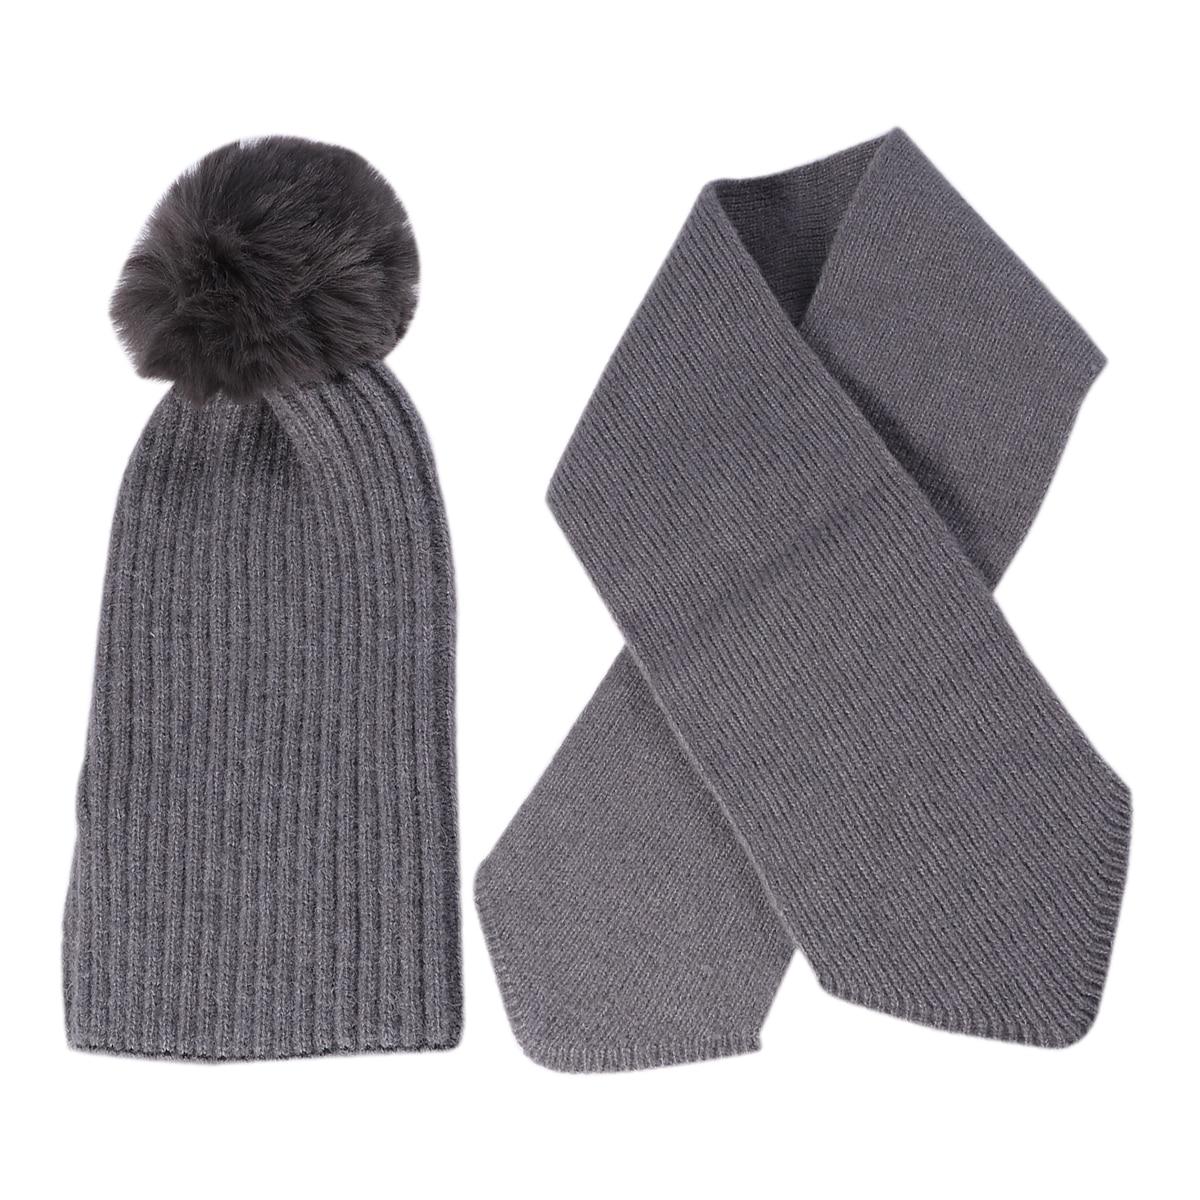 2 Pcs Kinder Unisex Gestrickte Hut Schal Anzug Außen Herbst Winter Stilvolle Schal Und Hut Set (tiefe Grau)